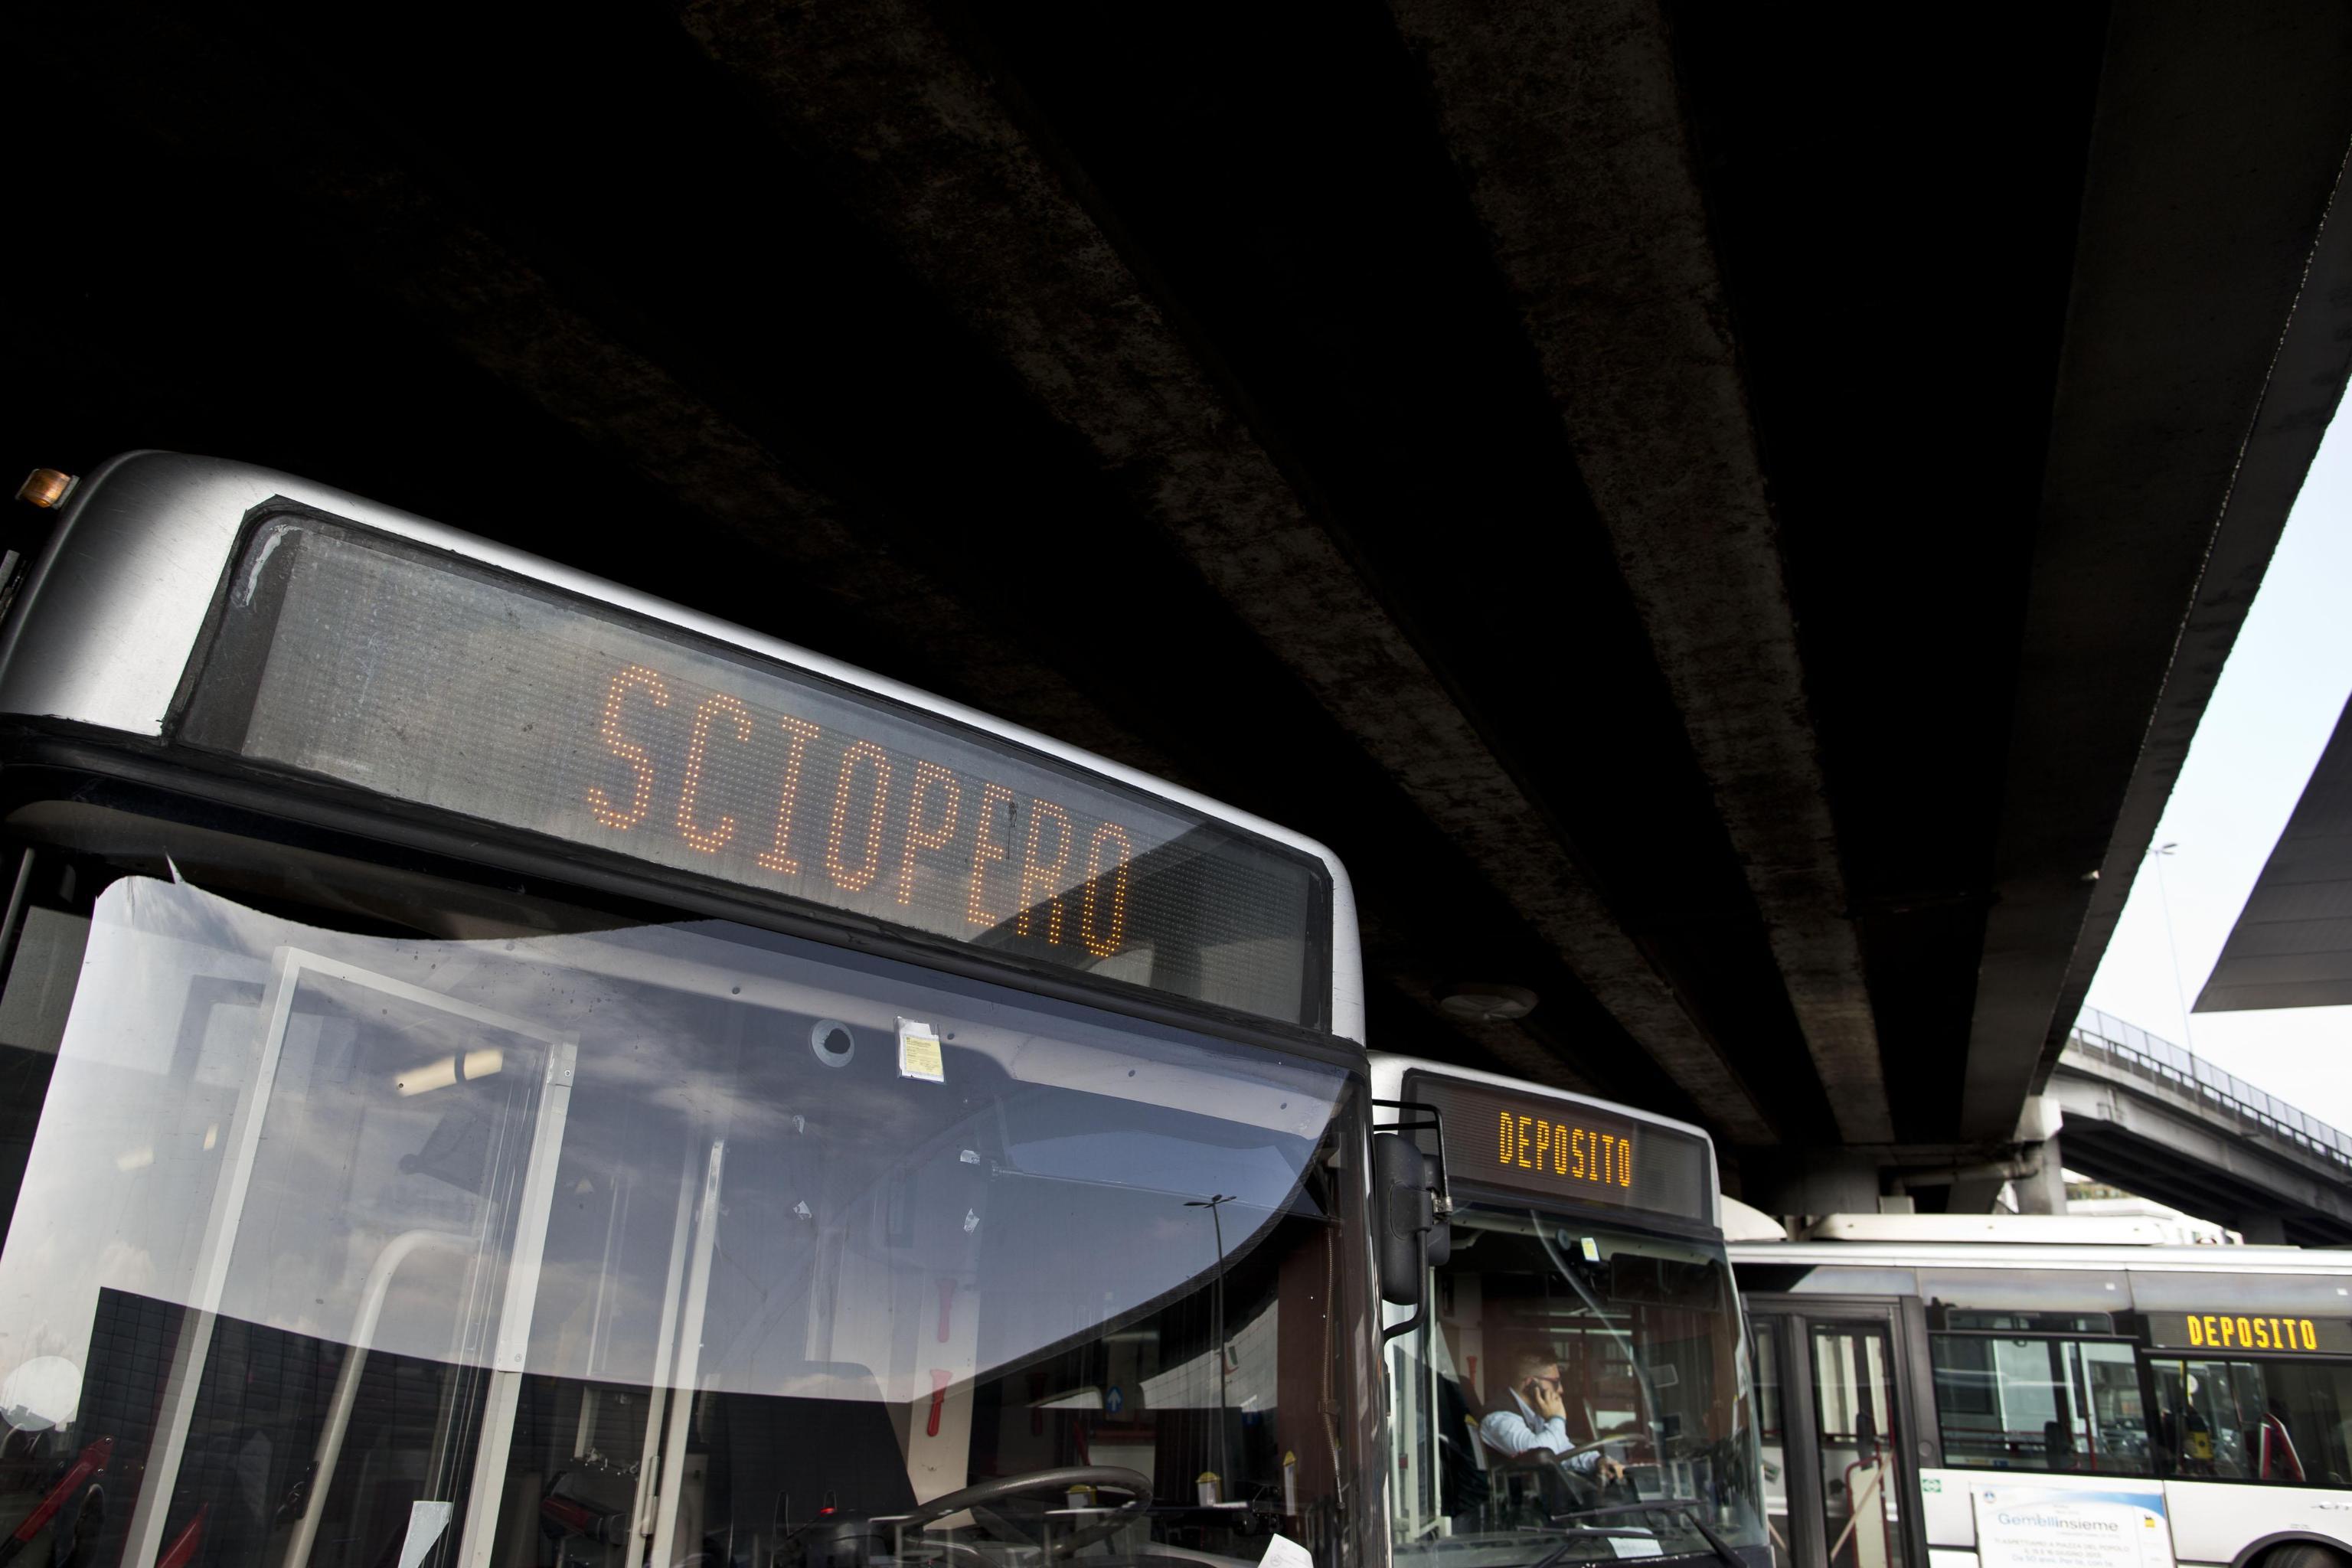 Sciopero Roma 20 luglio 2017 ATAC, bus e metro fermi per 4 ore: aggiornamenti sul traffico